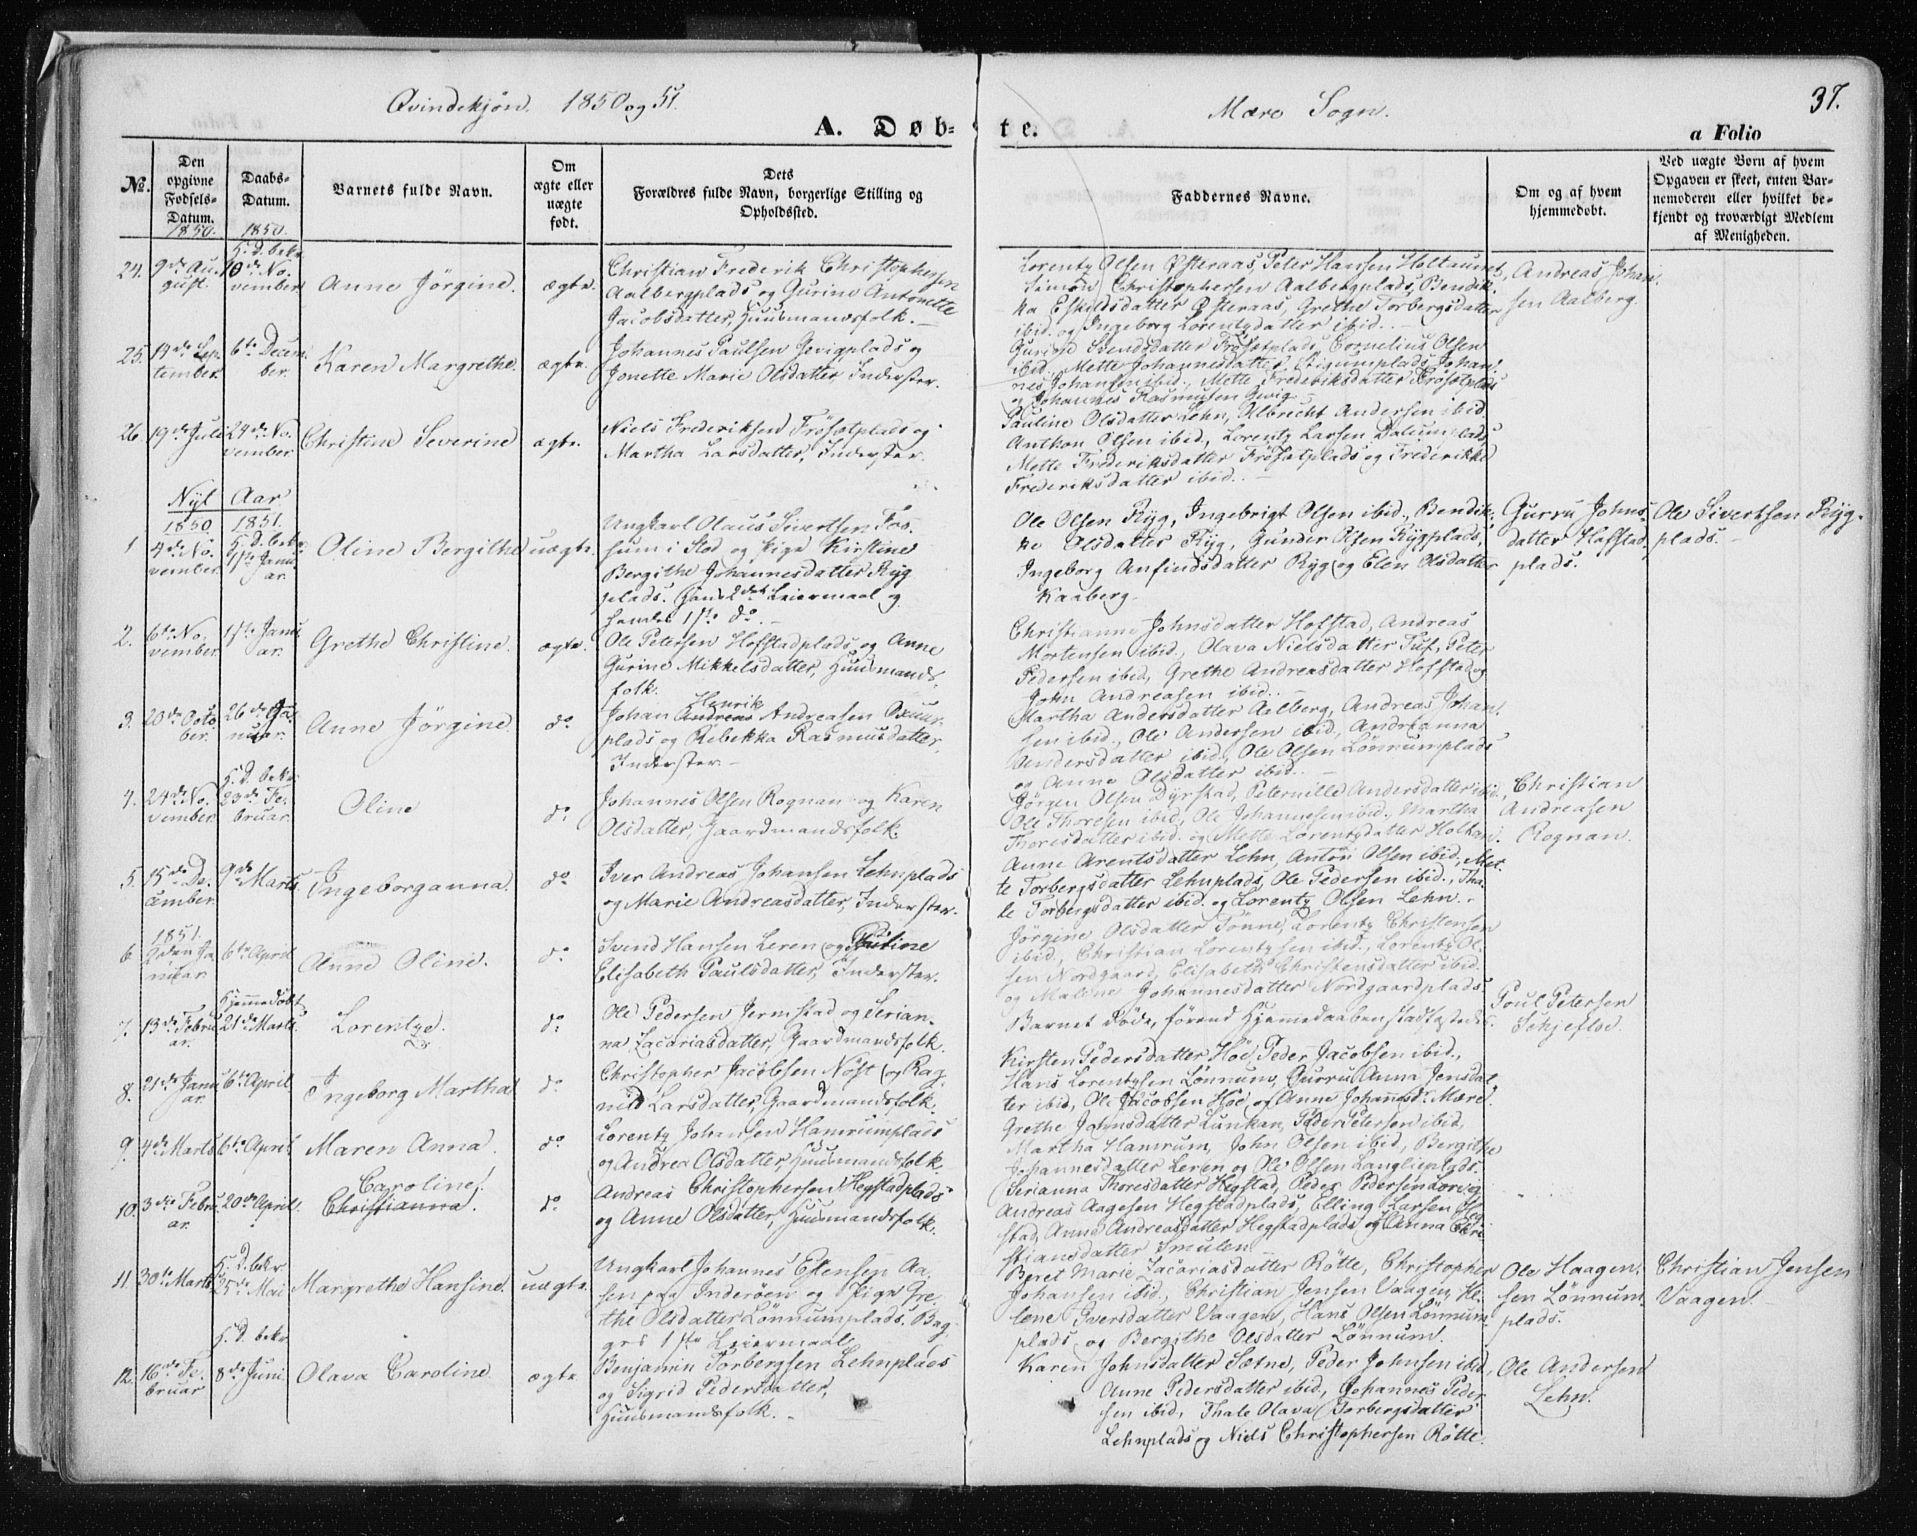 SAT, Ministerialprotokoller, klokkerbøker og fødselsregistre - Nord-Trøndelag, 735/L0342: Ministerialbok nr. 735A07 /1, 1849-1862, s. 37